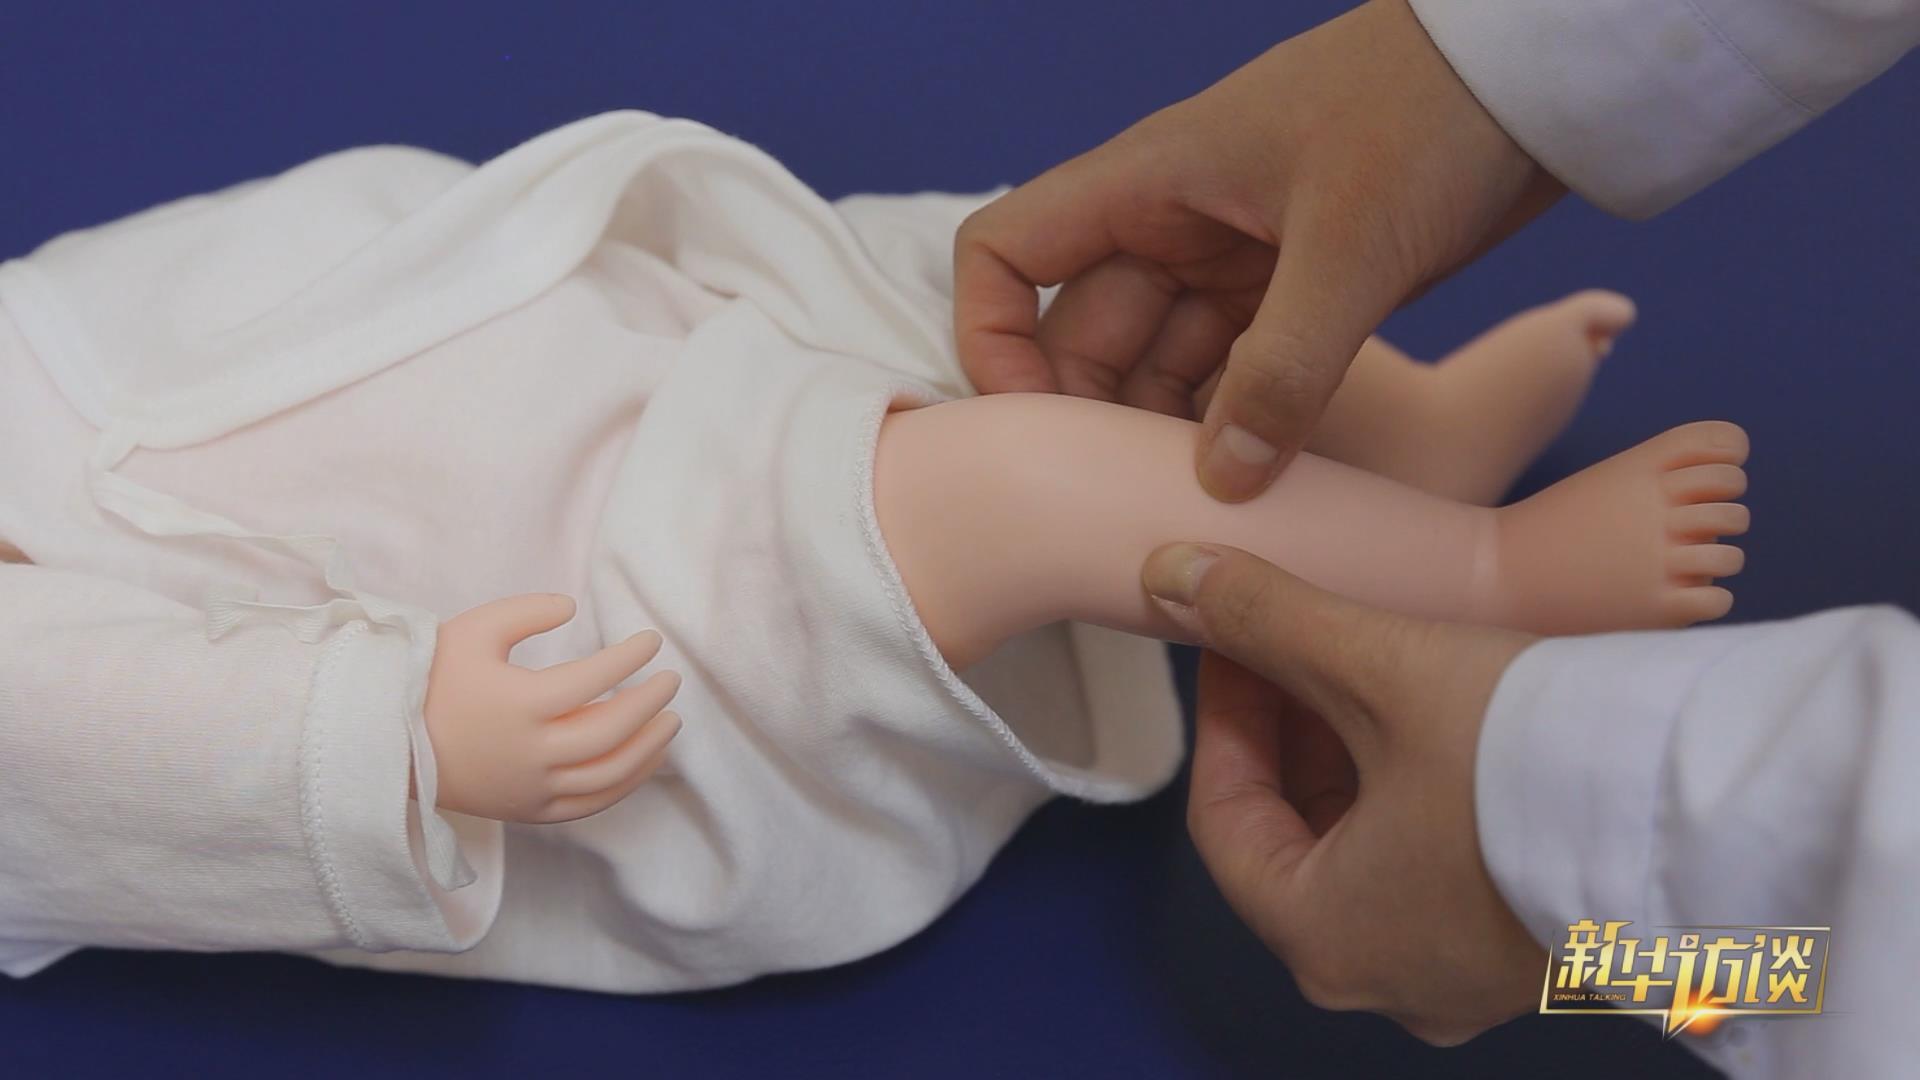 不可輕視的小兒積食 越拖越傷娃